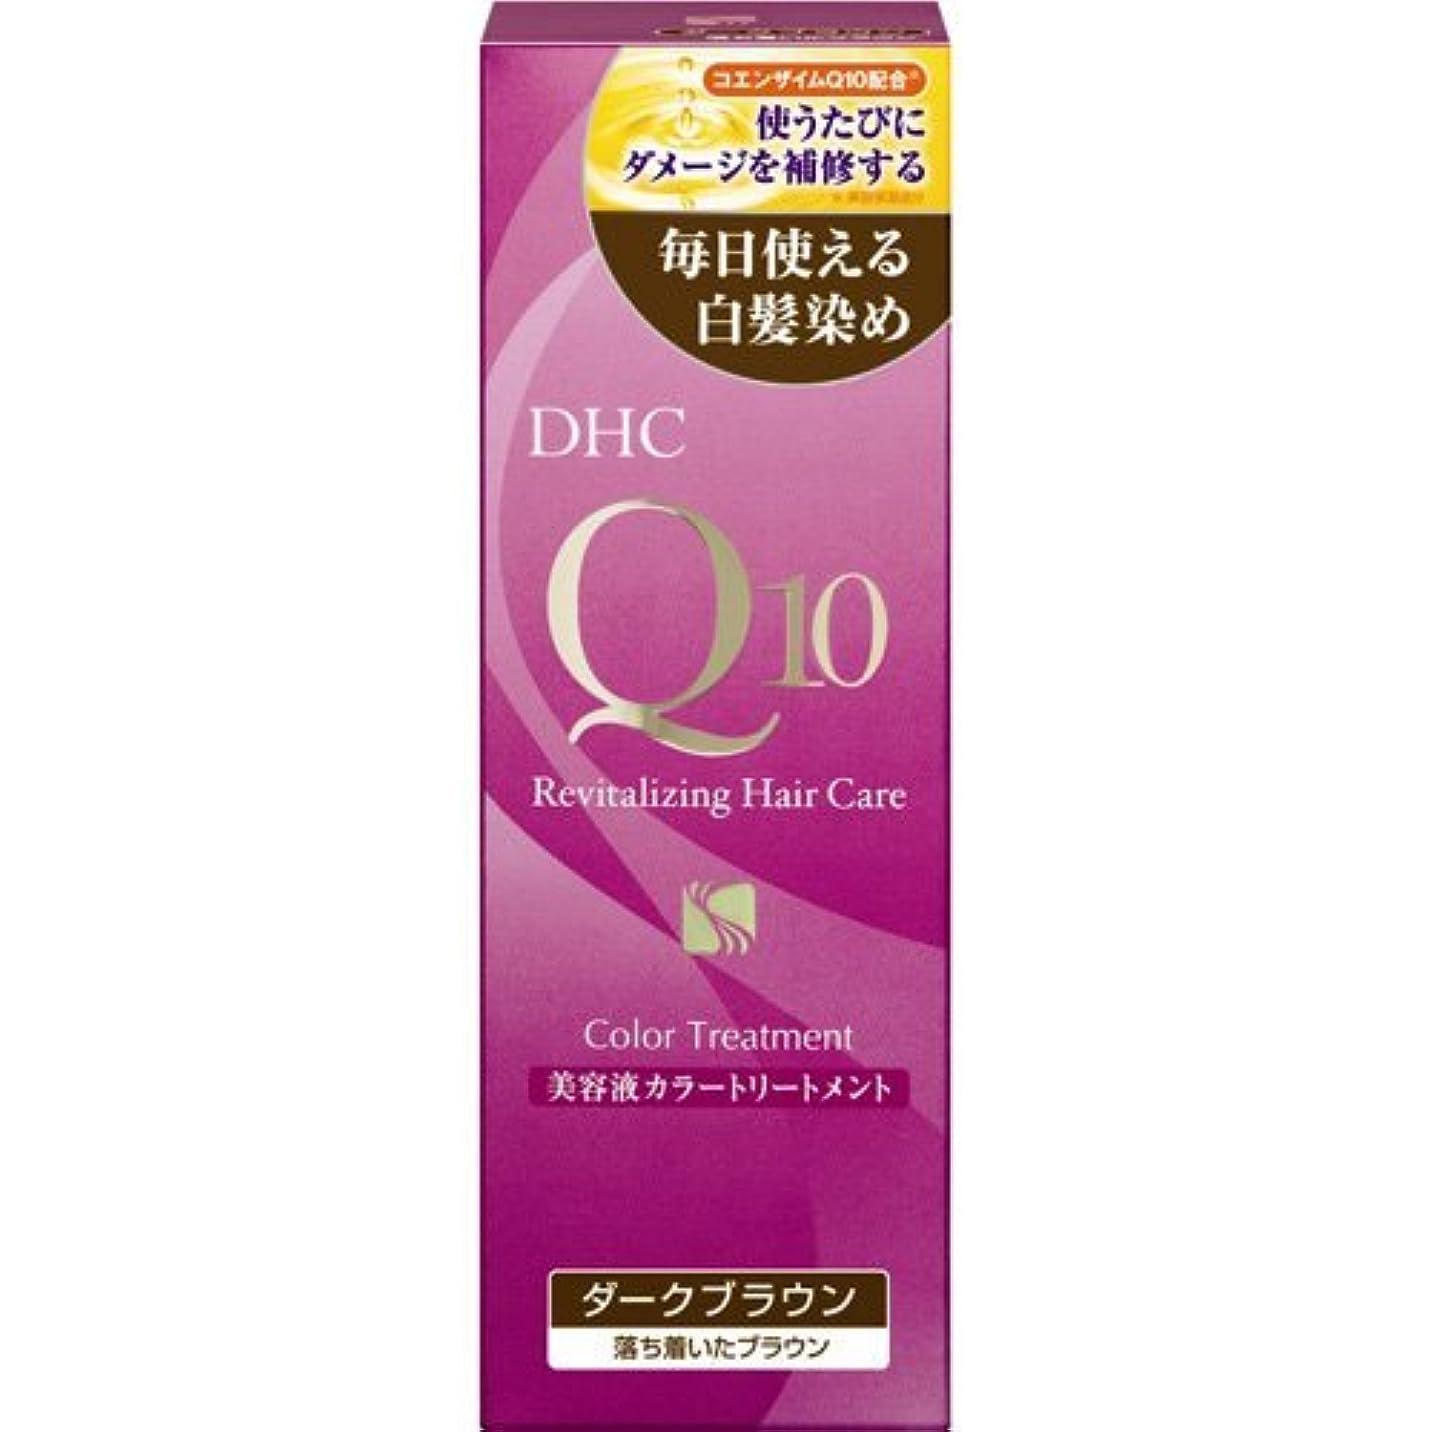 入口実現可能価値のない【まとめ買い】DHC Q10美溶液カラートリートメントDブラウンSS170g ×4個